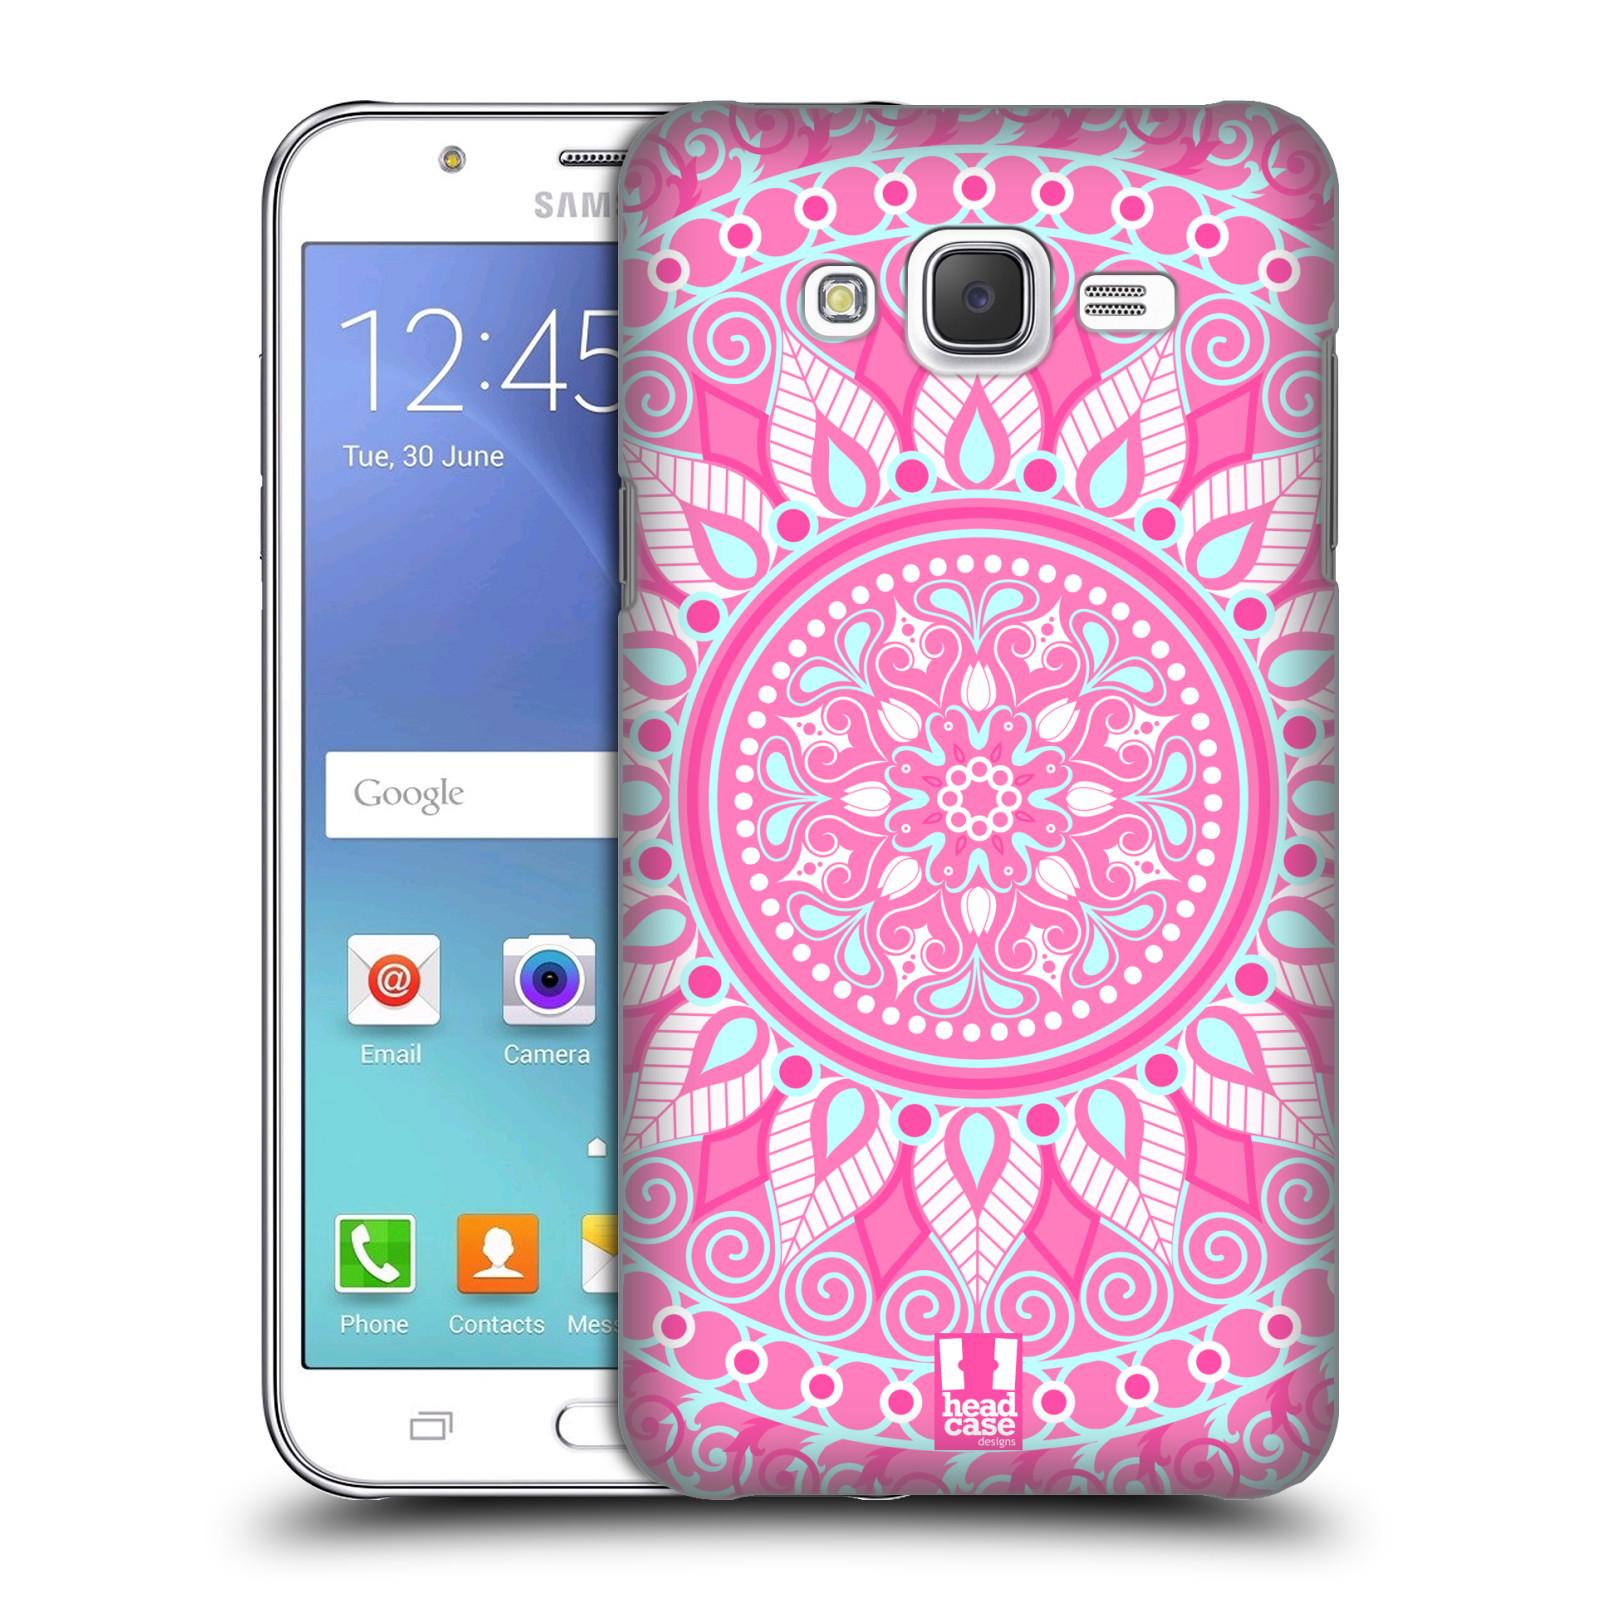 HEAD CASE plastový obal na mobil SAMSUNG Galaxy J5, J500 vzor Indie Mandala slunce barevný motiv RŮŽOVÁ